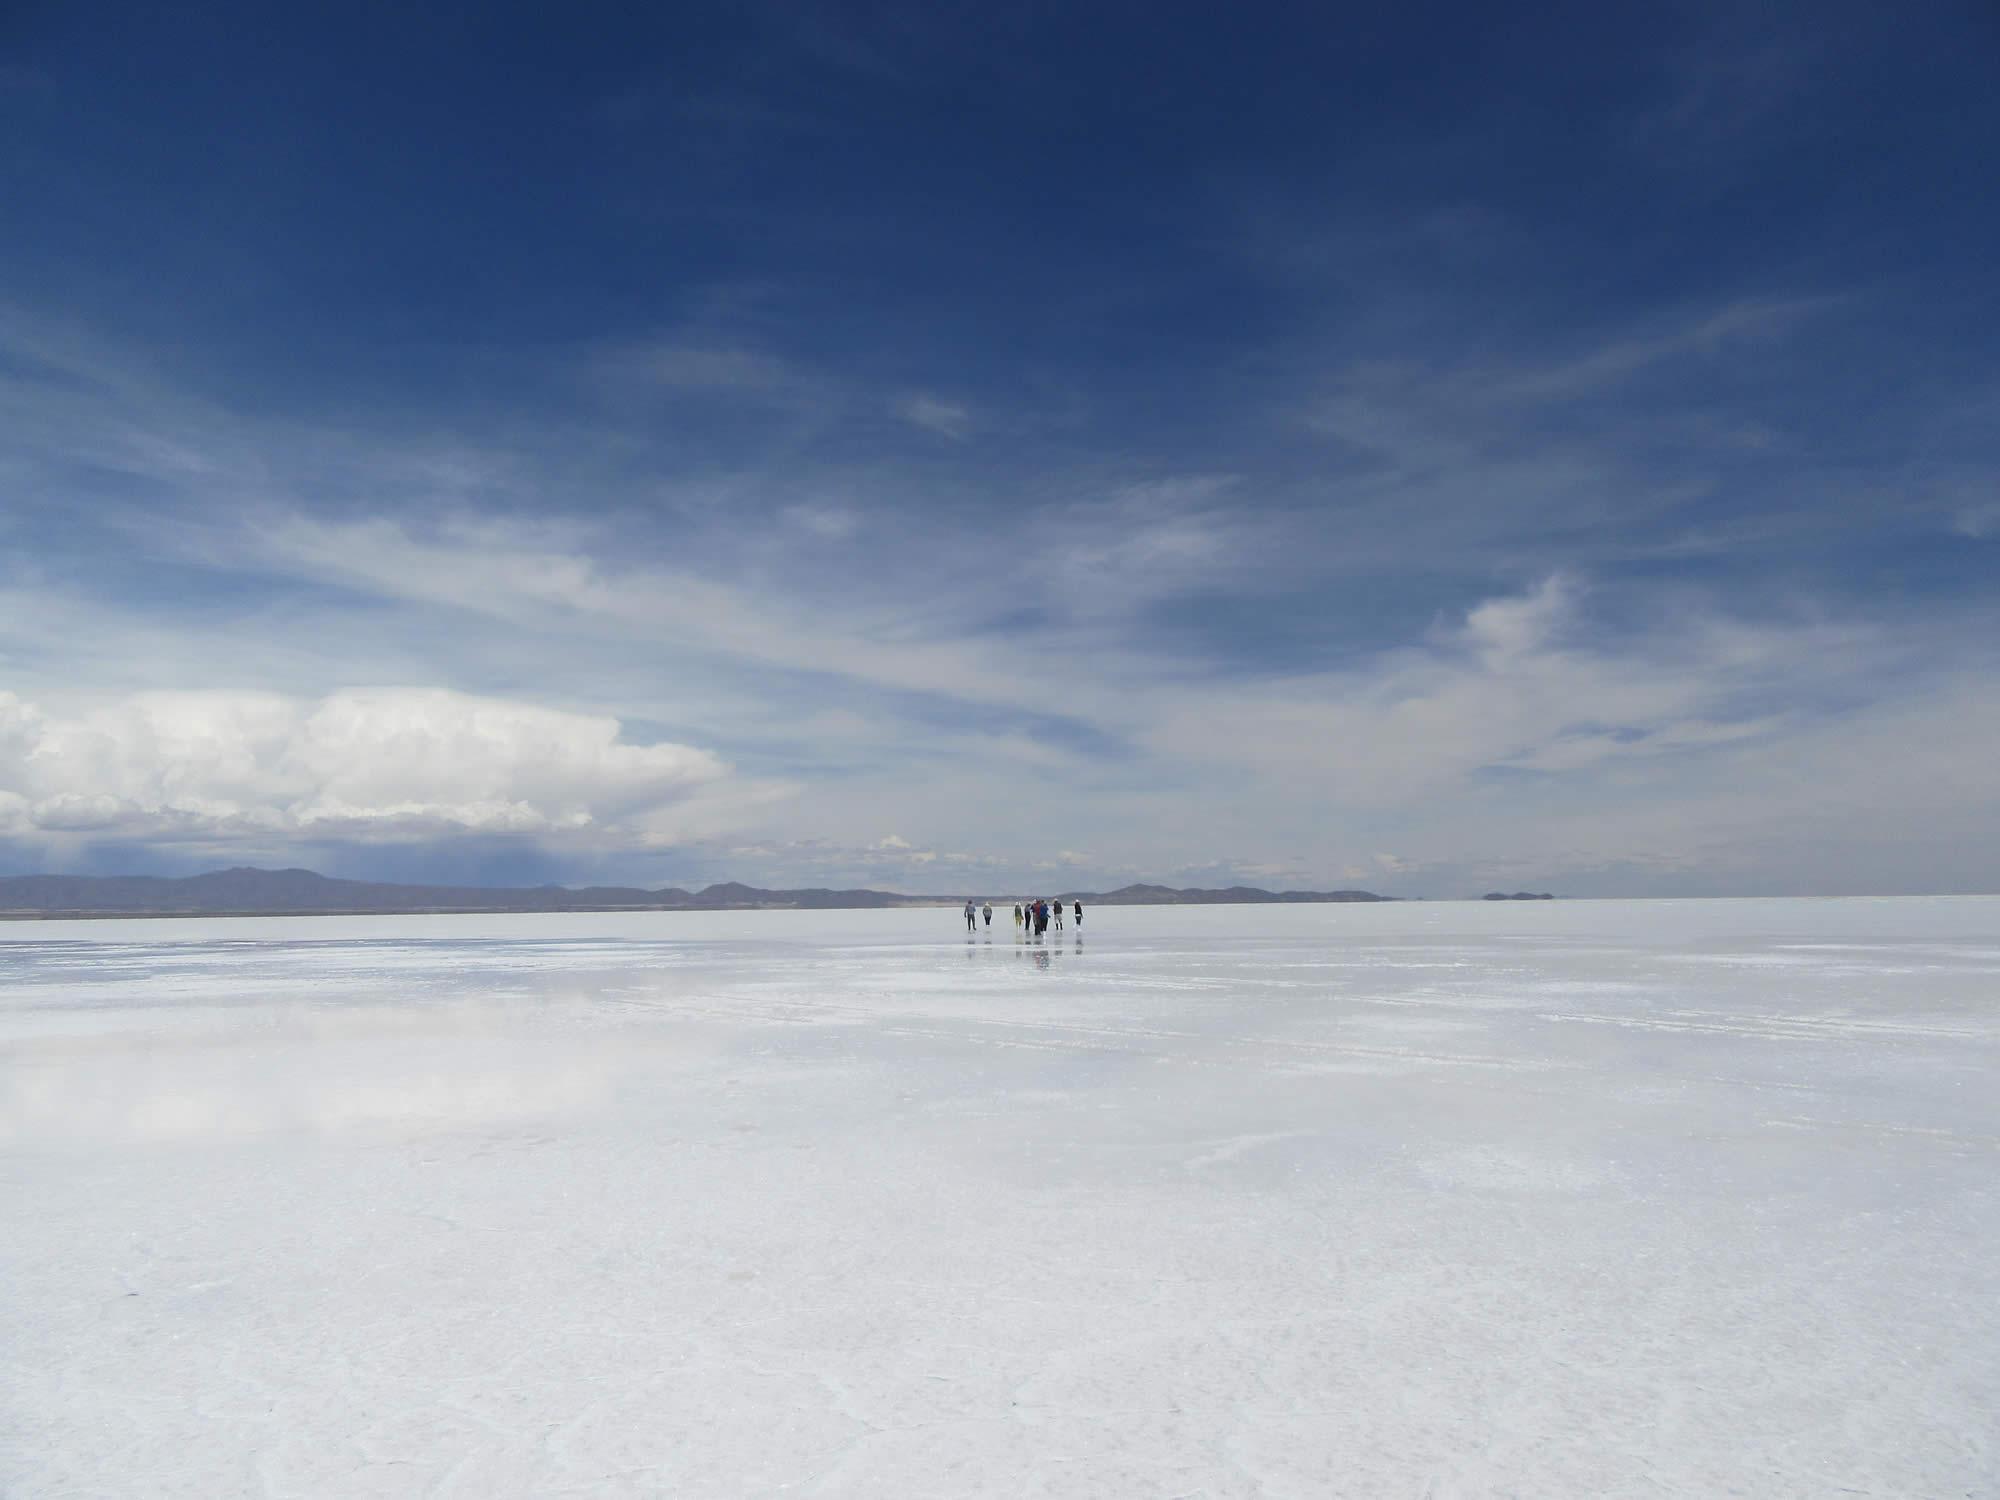 Tour Privado Salar de Uyuni y Lagunas de Colores - Calama 3 Días, 2 Noches, 3 Días, 2 Noches